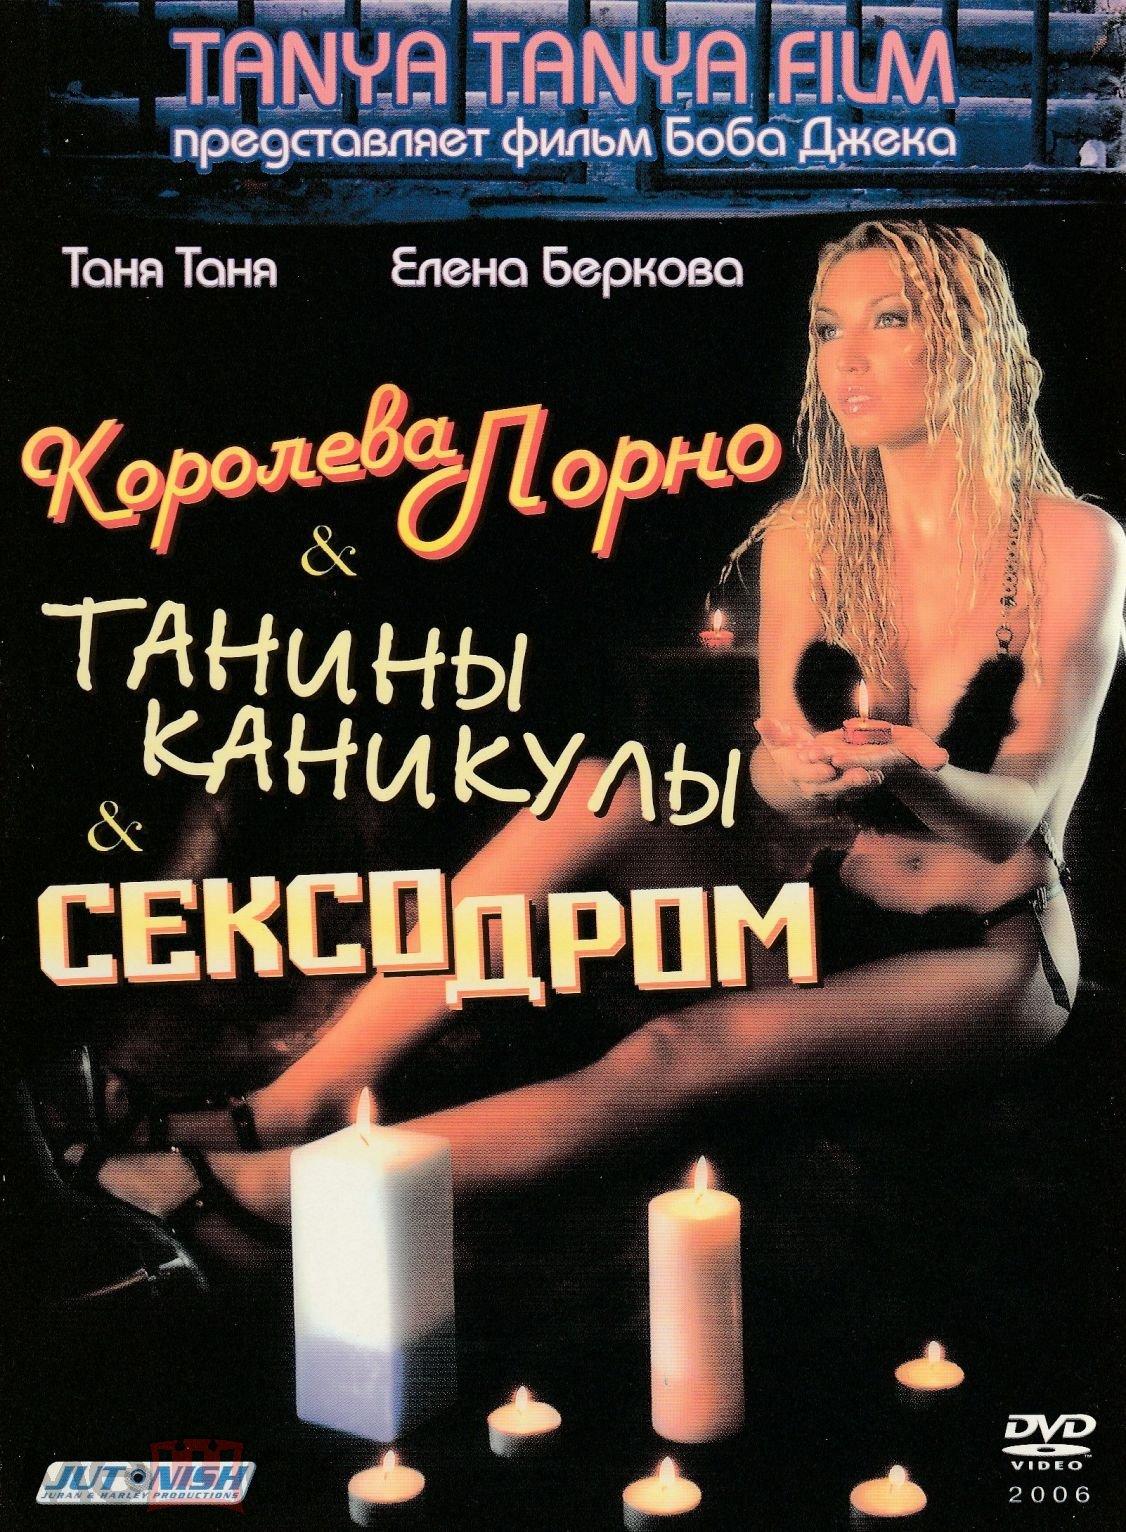 такой катастрофе фильм королева порно танины каникулы смотреть онлайн унитаз раковина